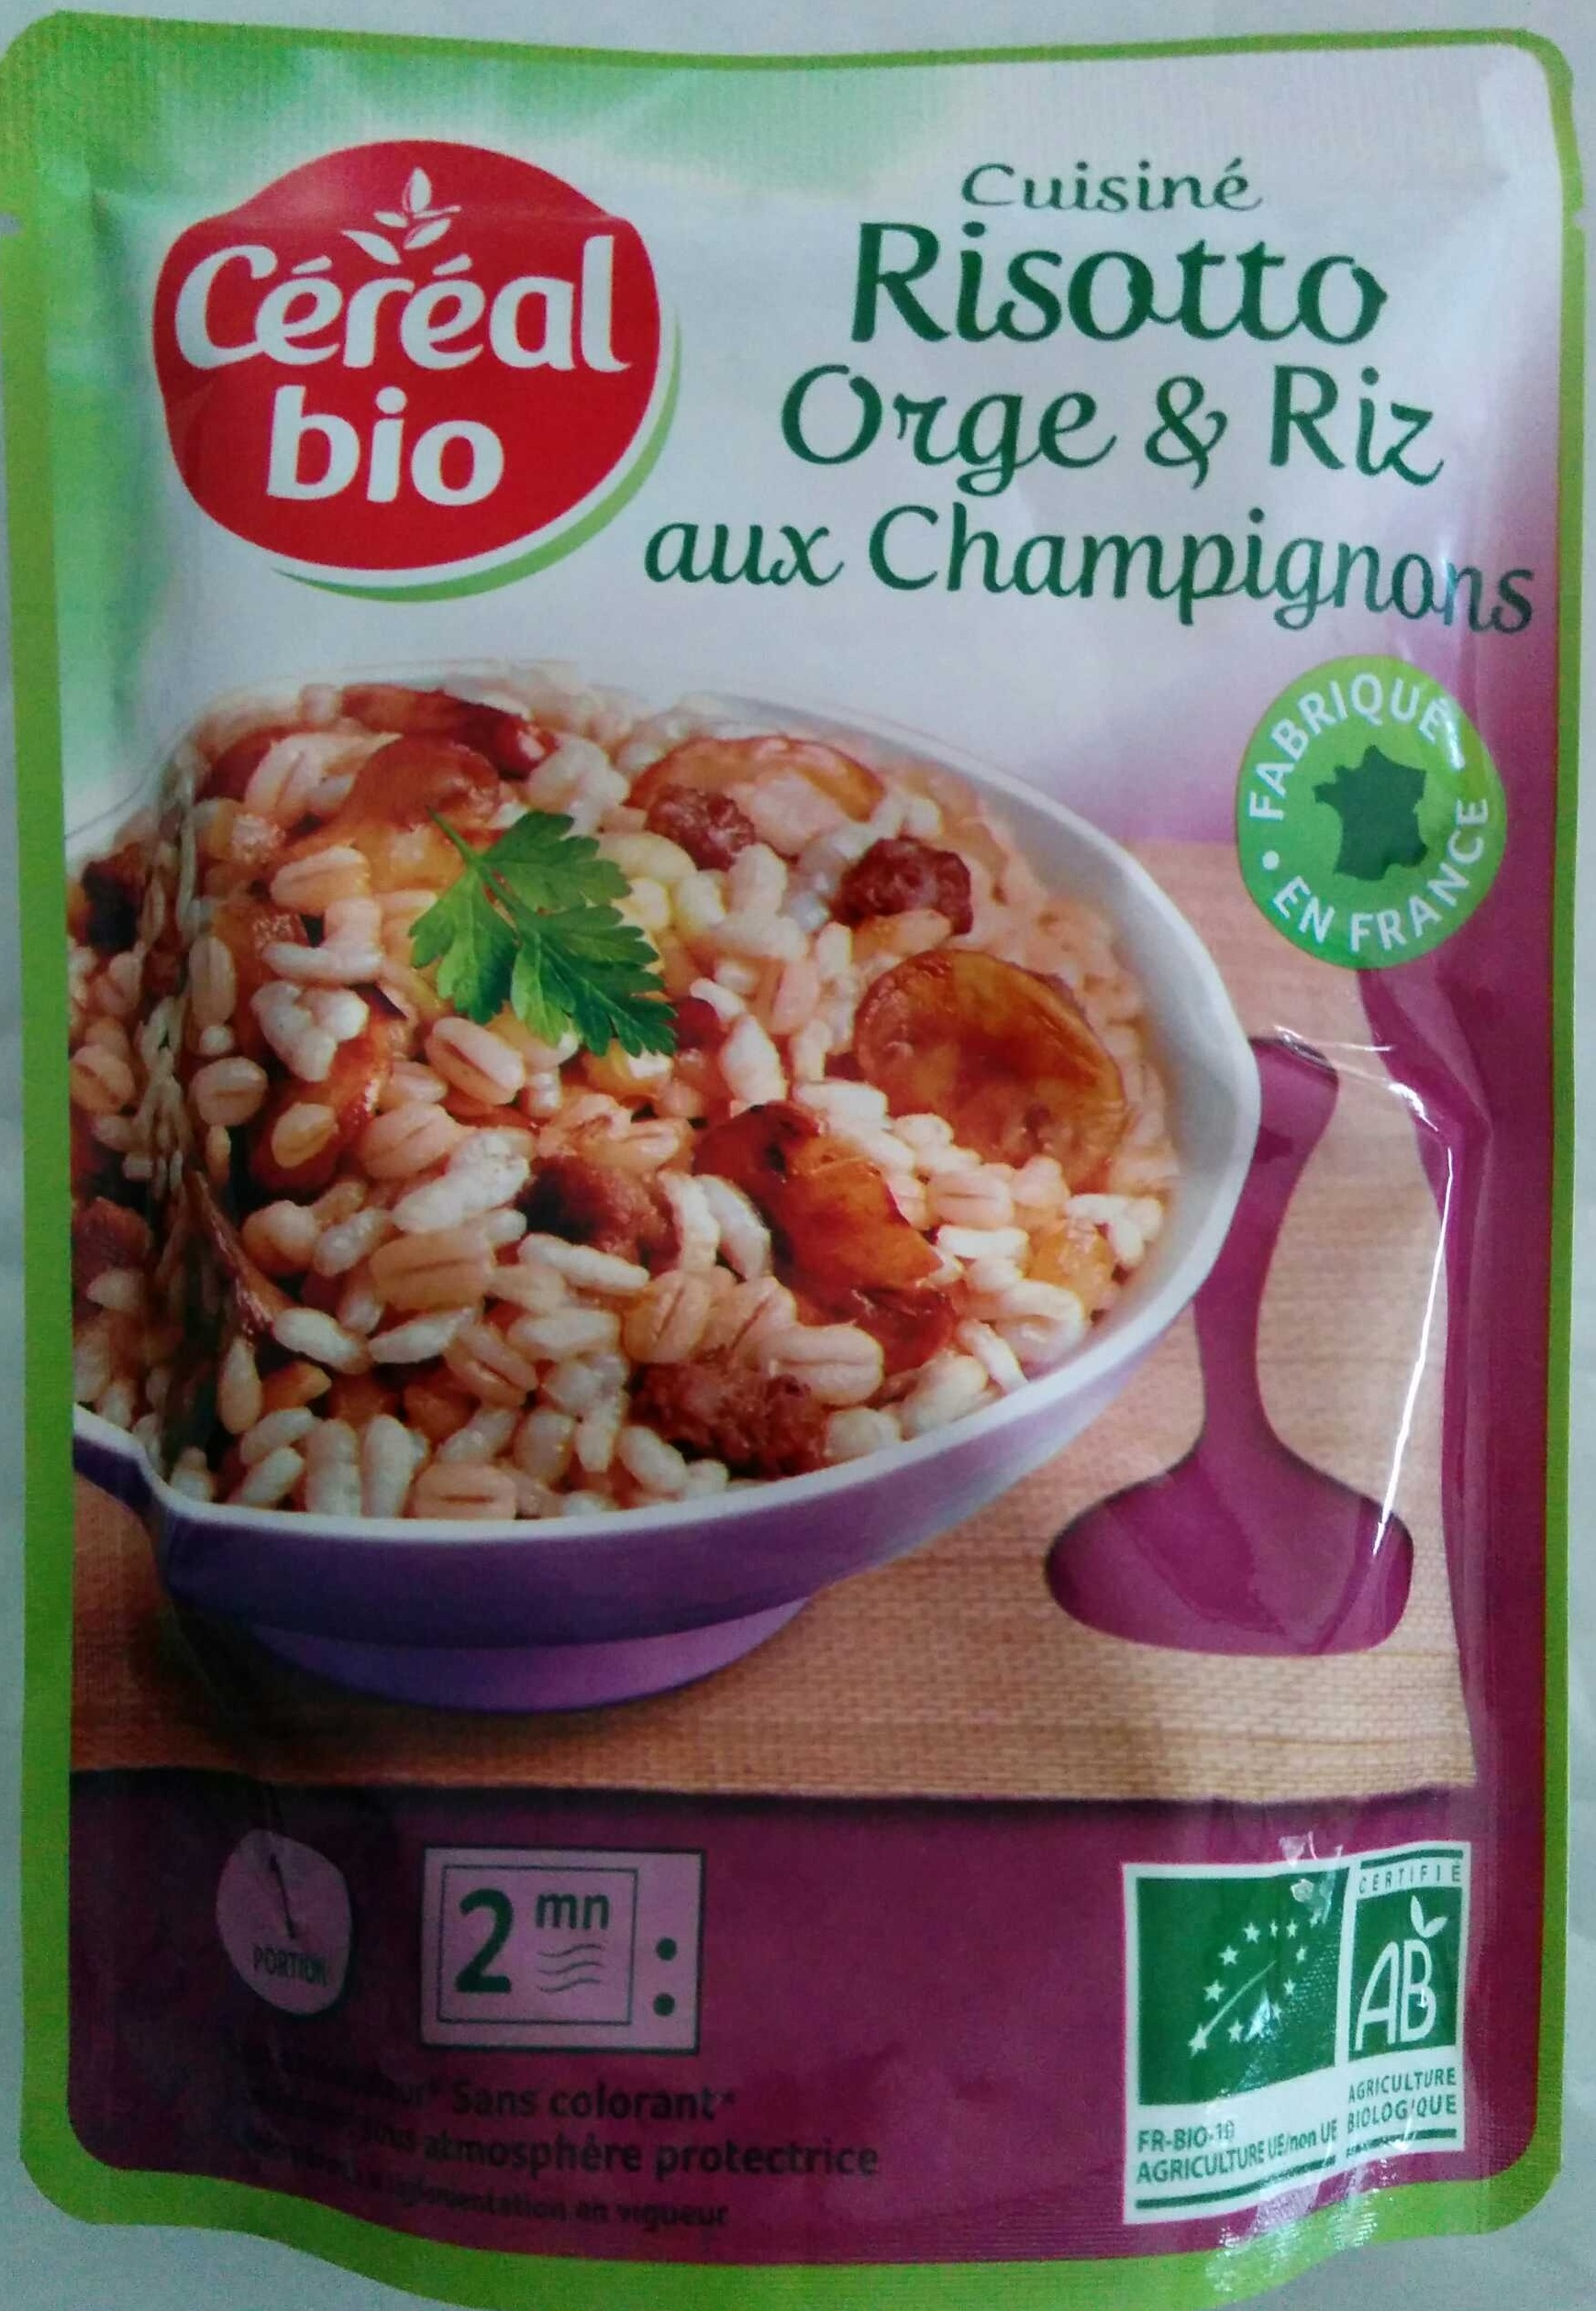 cuisiné risotto orge et riz aux champignons - céréal bio - 200 g